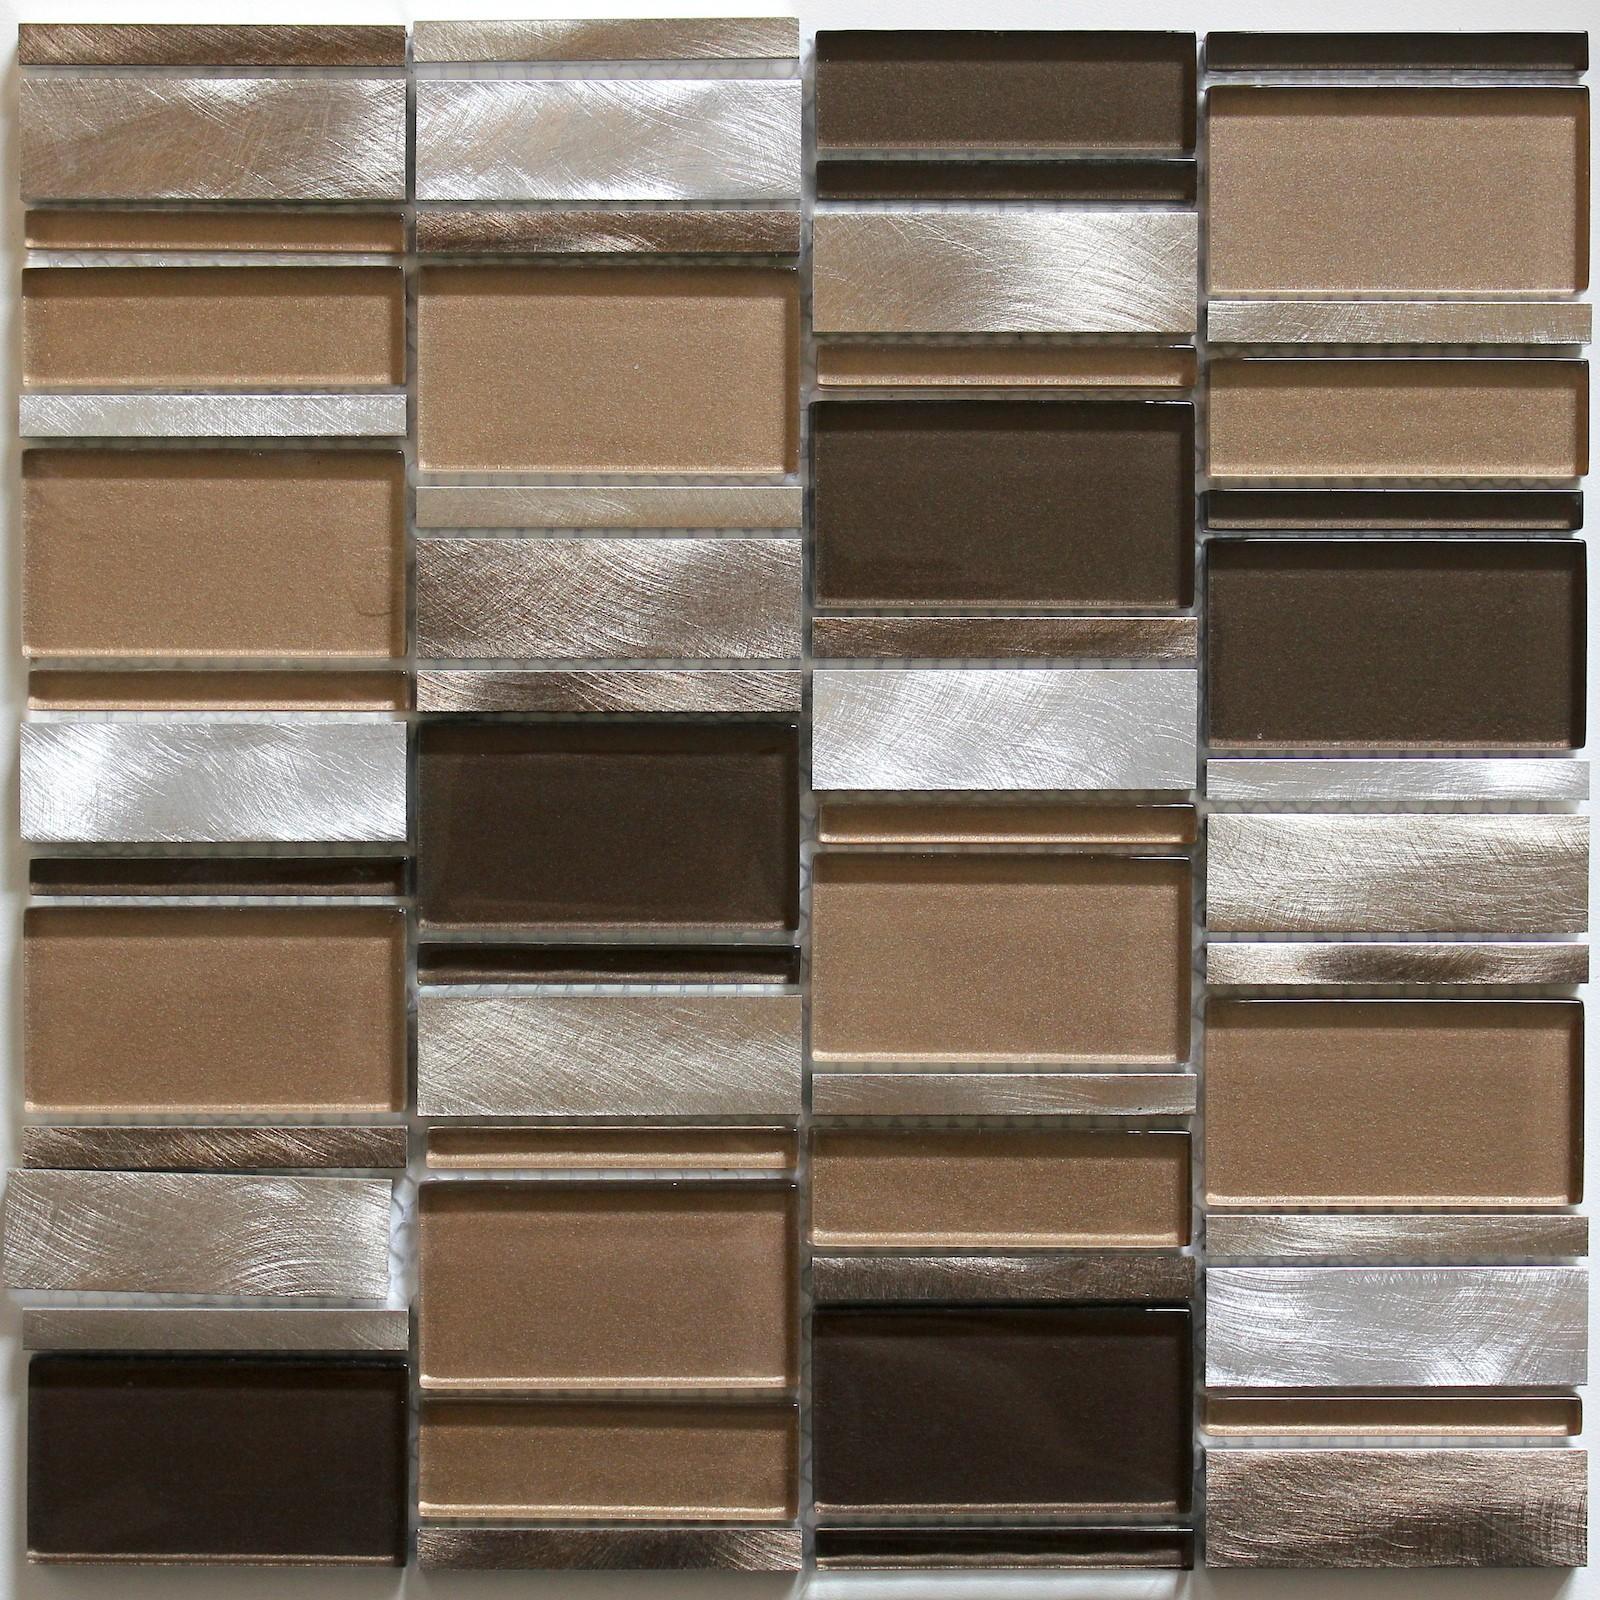 Mosaique Pour Credence Cuisine dalle mosaique aluminium et verre carrelage cuisine crédence